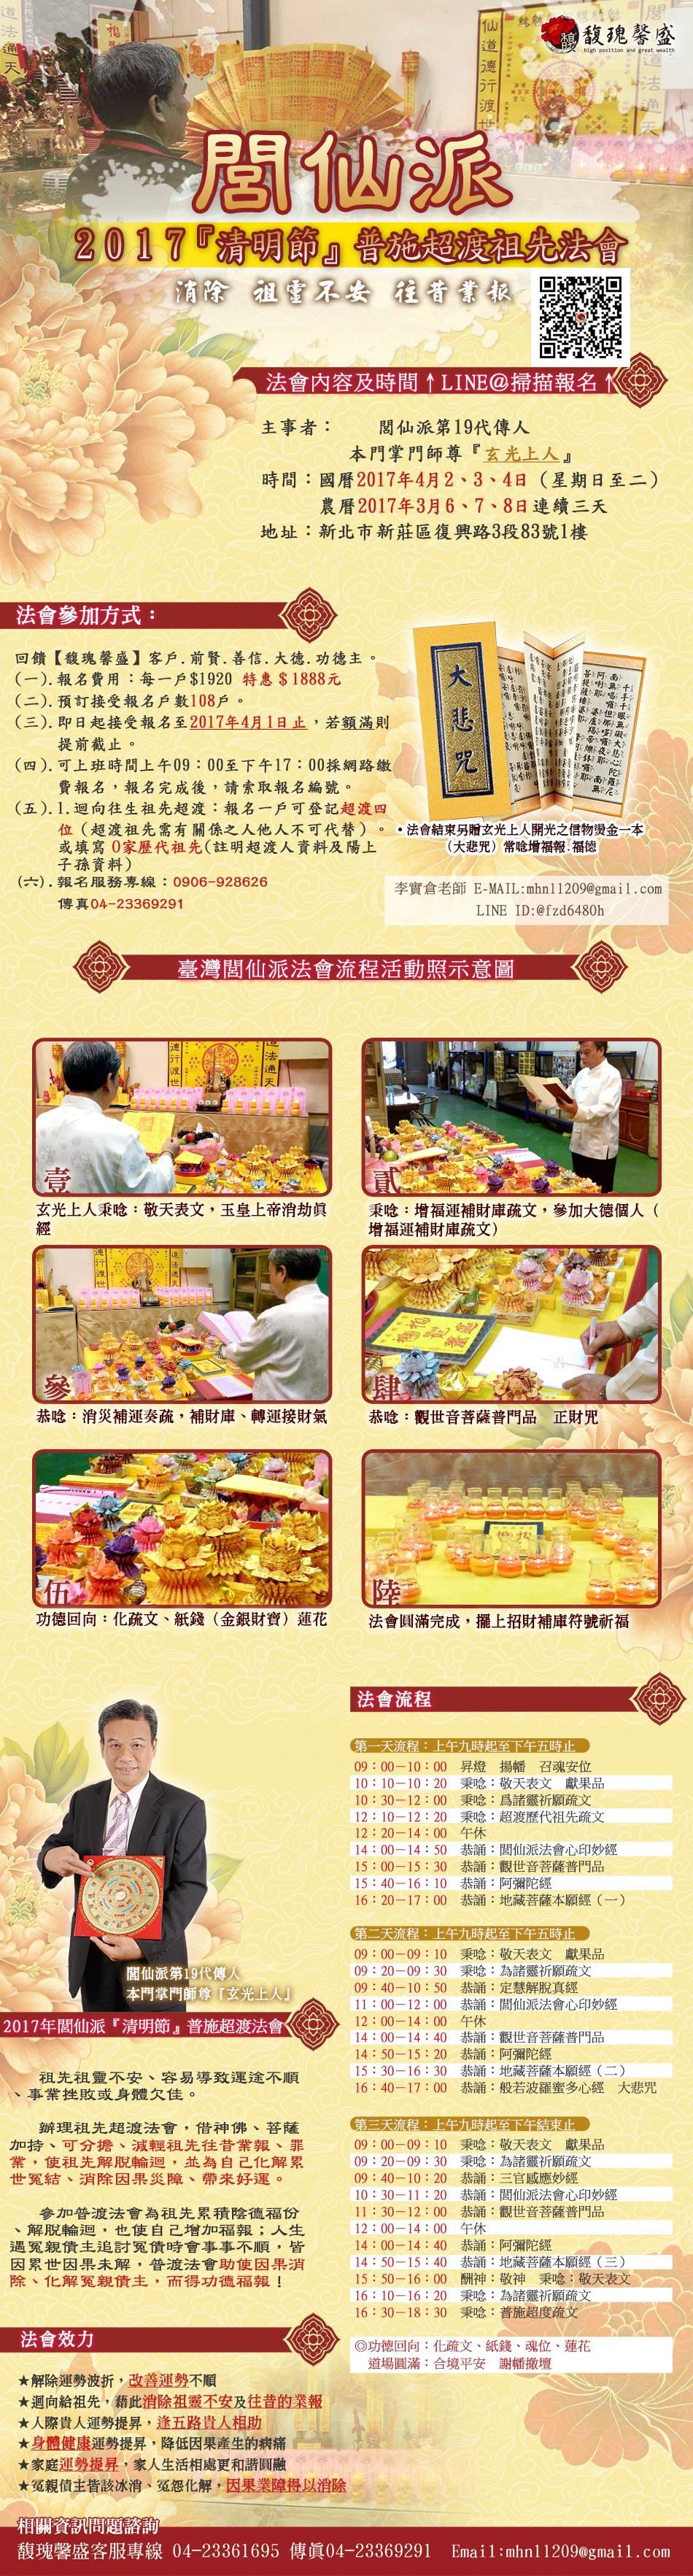 2017清明節超渡祖先法會